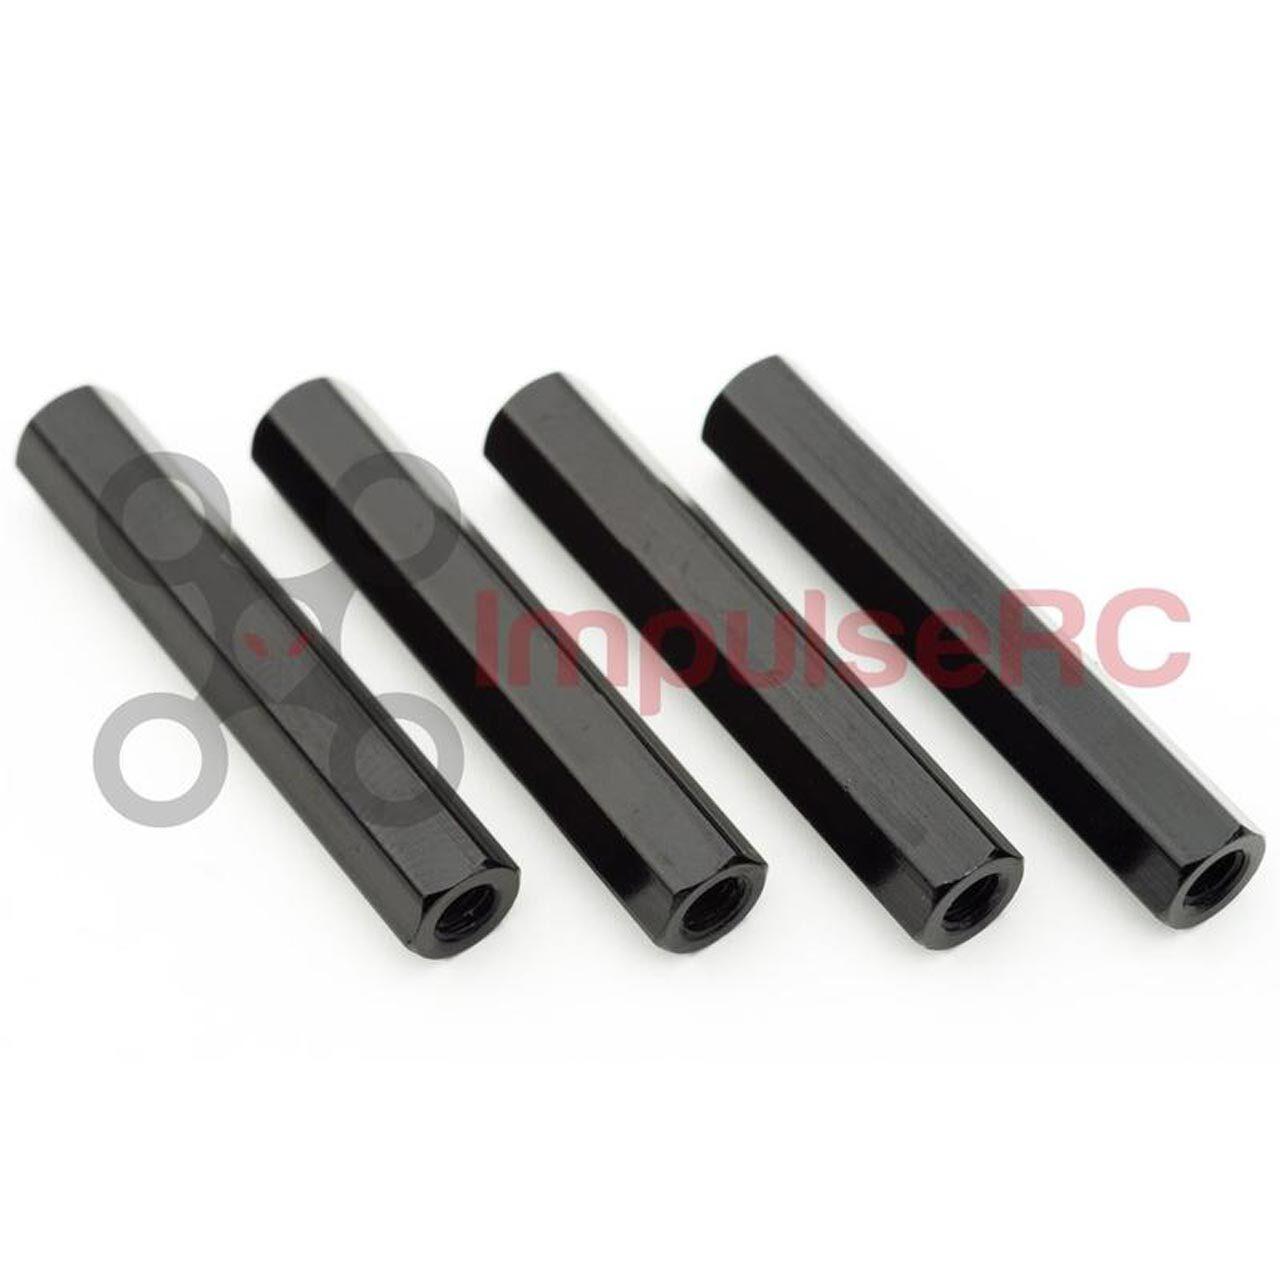 ImpulseRC STANDOFF M3 ALUMINIUM HEX 5x30mm 黒/4本セット